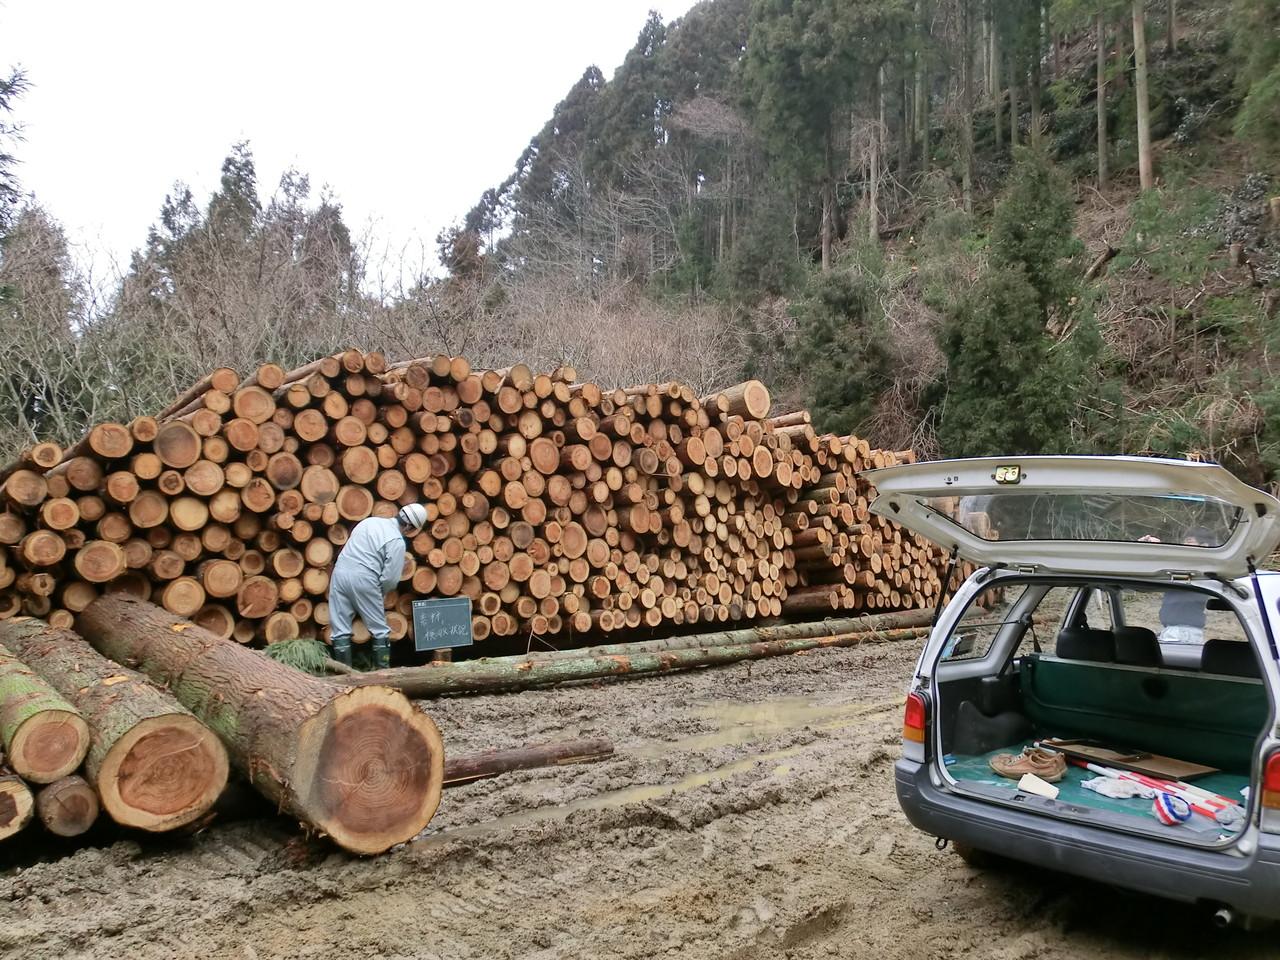 林業・木材利用に関係する地域の現状や取り組みの視察調査  (北条高縄山)